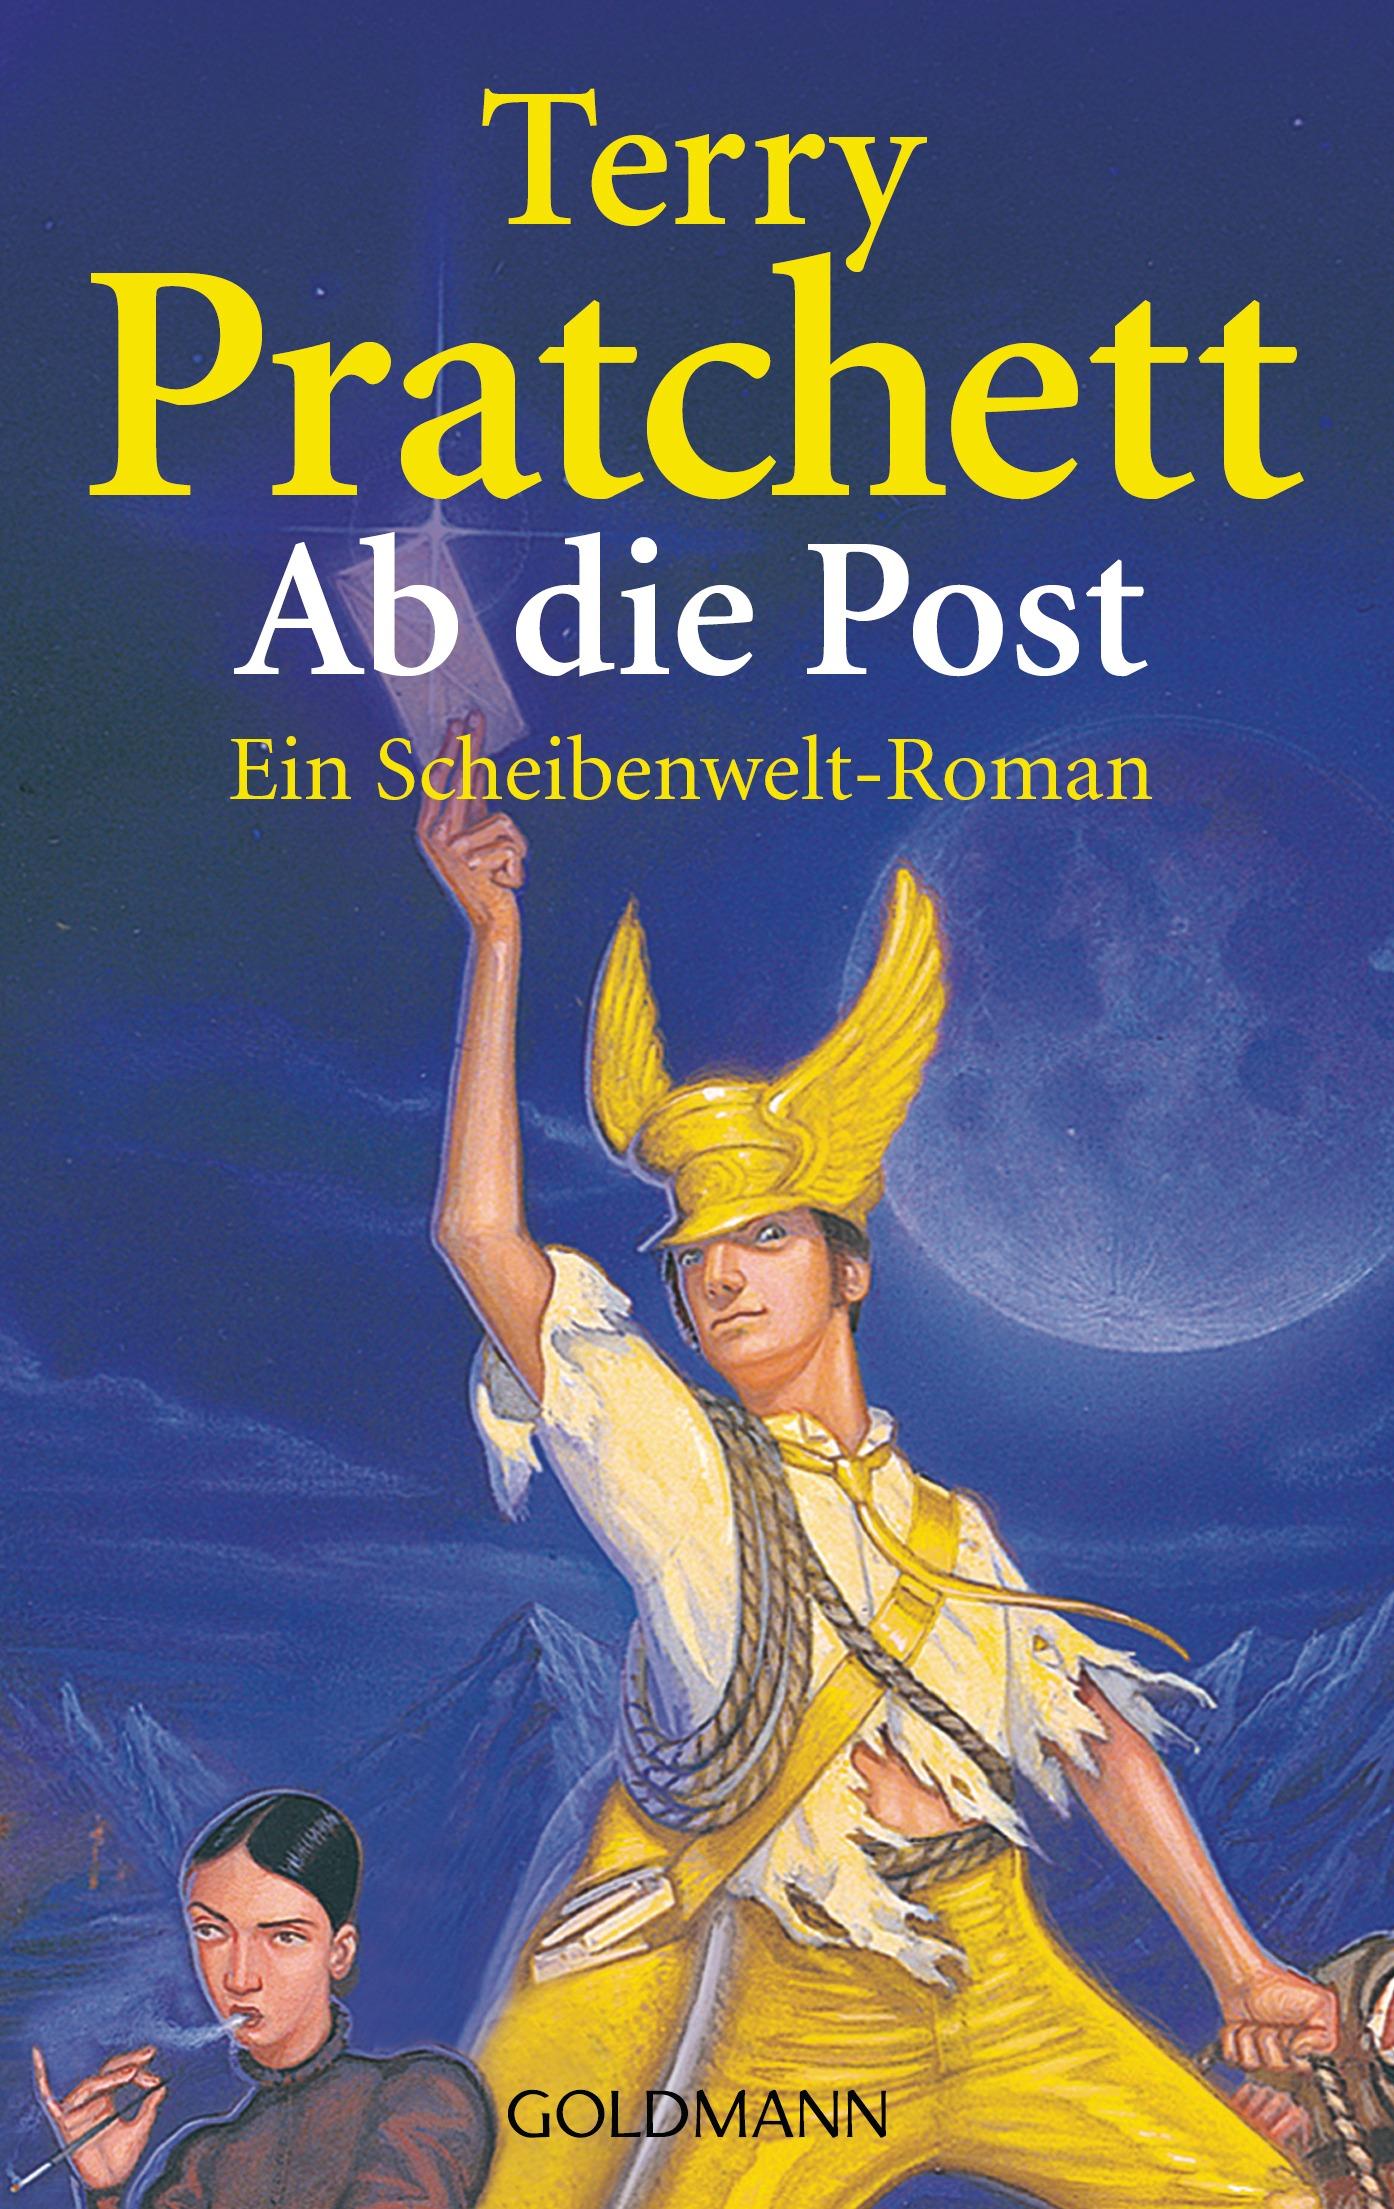 Ab die Post - Ein Scheibenwelt-Roman - Terry Pratchett